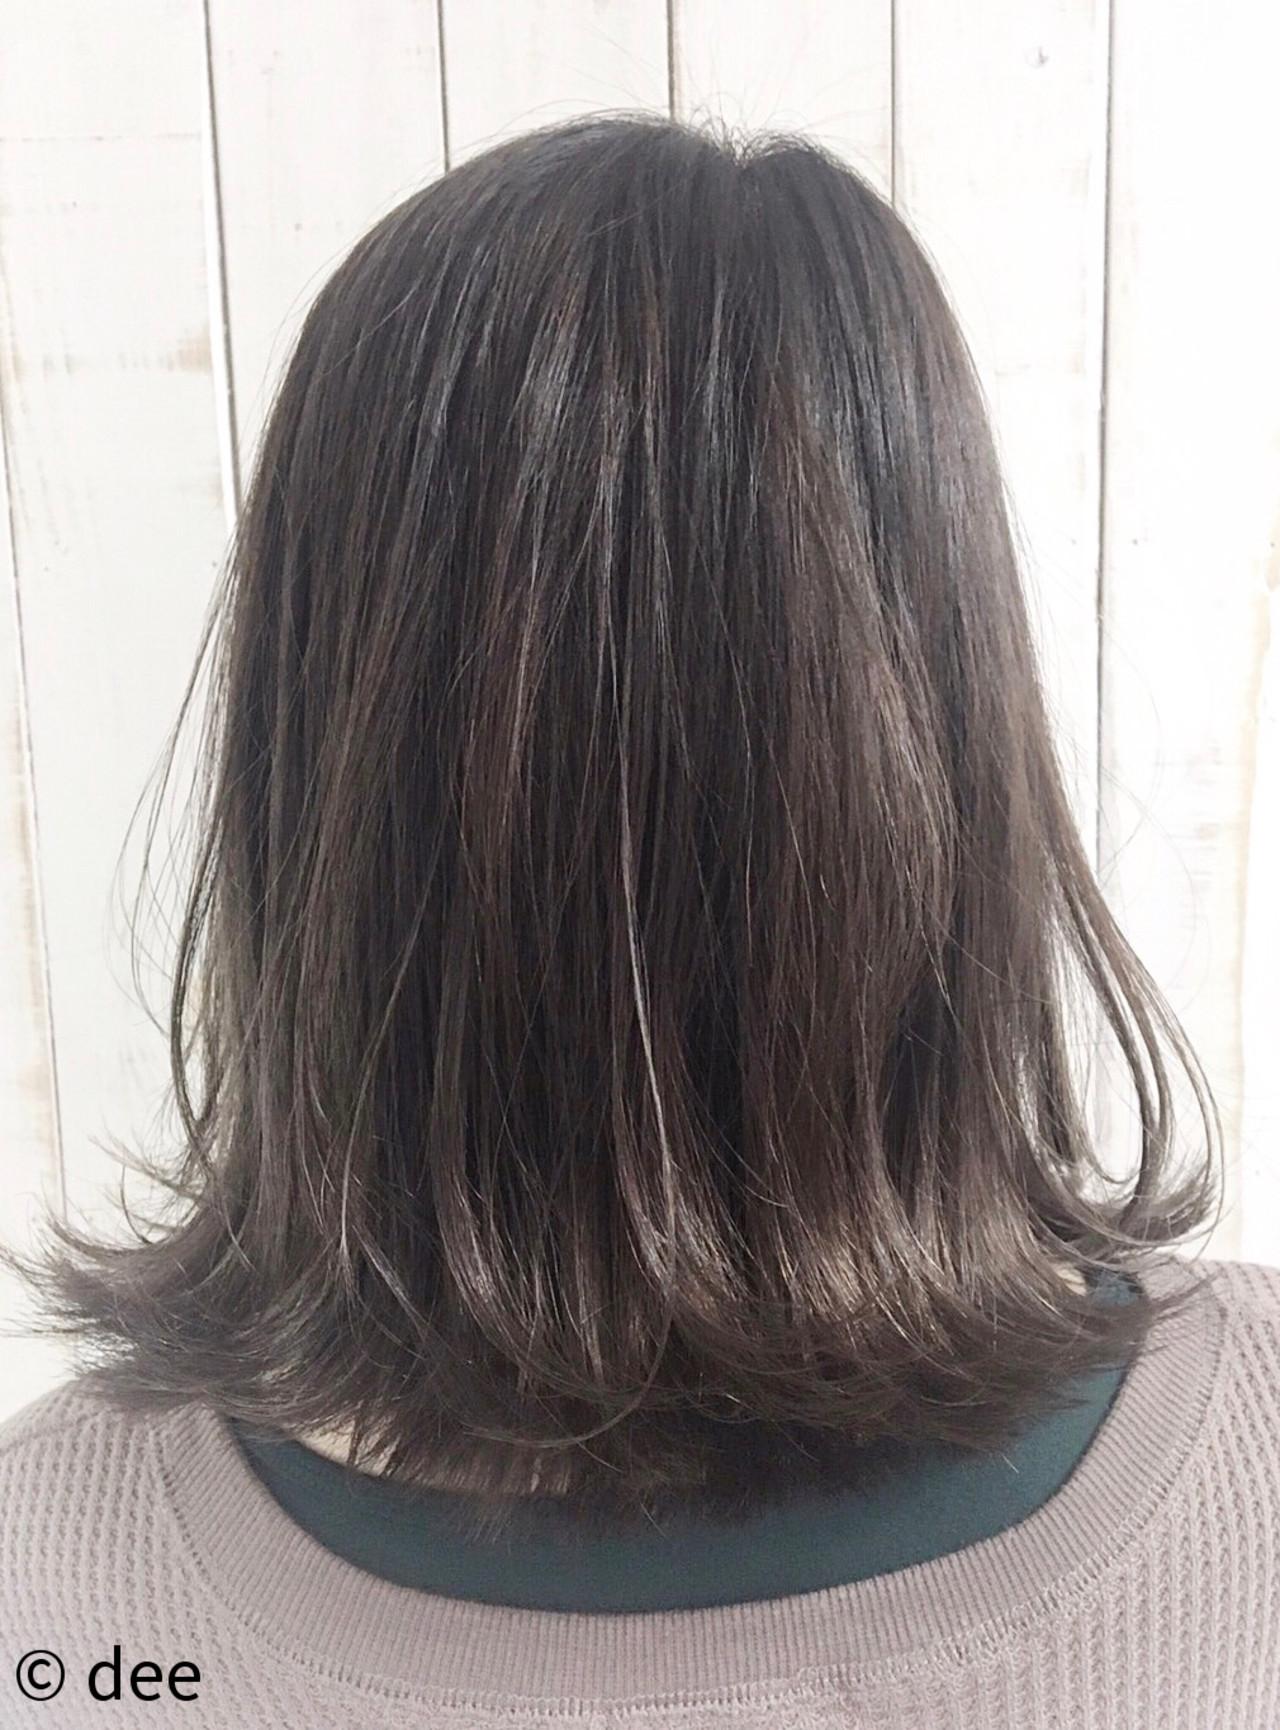 ラベンダーアッシュ ミディアム ラベンダーグレージュ 外ハネボブ ヘアスタイルや髪型の写真・画像